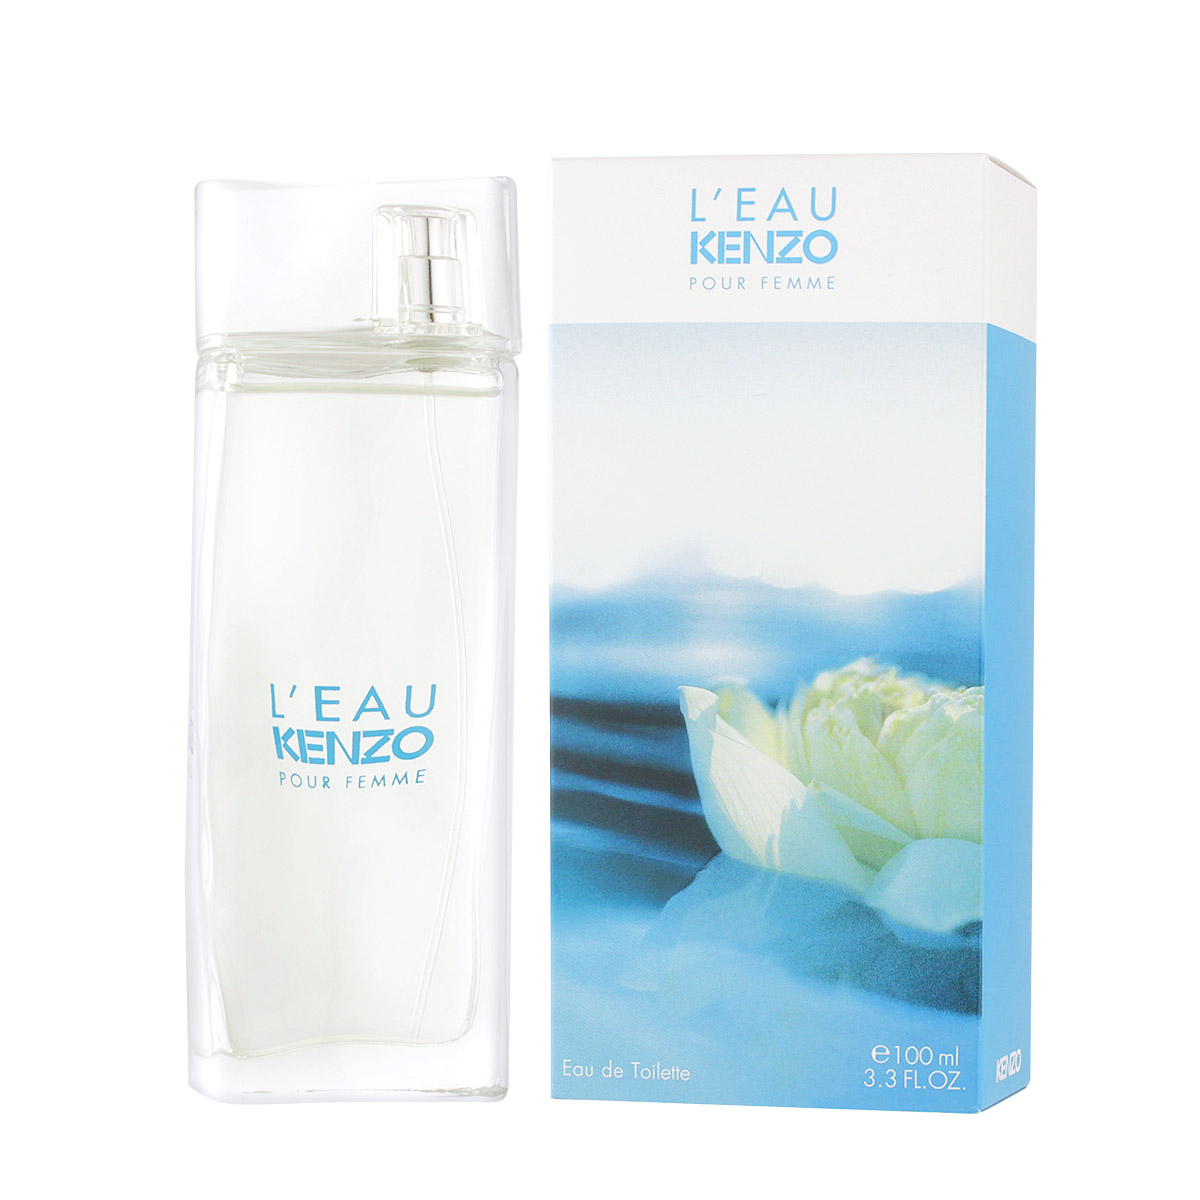 Kenzo L'Eau Kenzo Pour Femme Eau De Toilette 100 ml (woman) 310